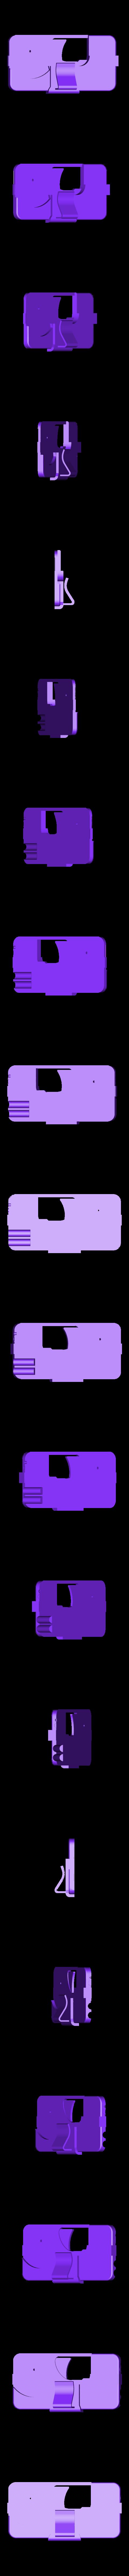 IGun6_Body1.stl Download free STL file Phone Gun • 3D printer object, Snorri